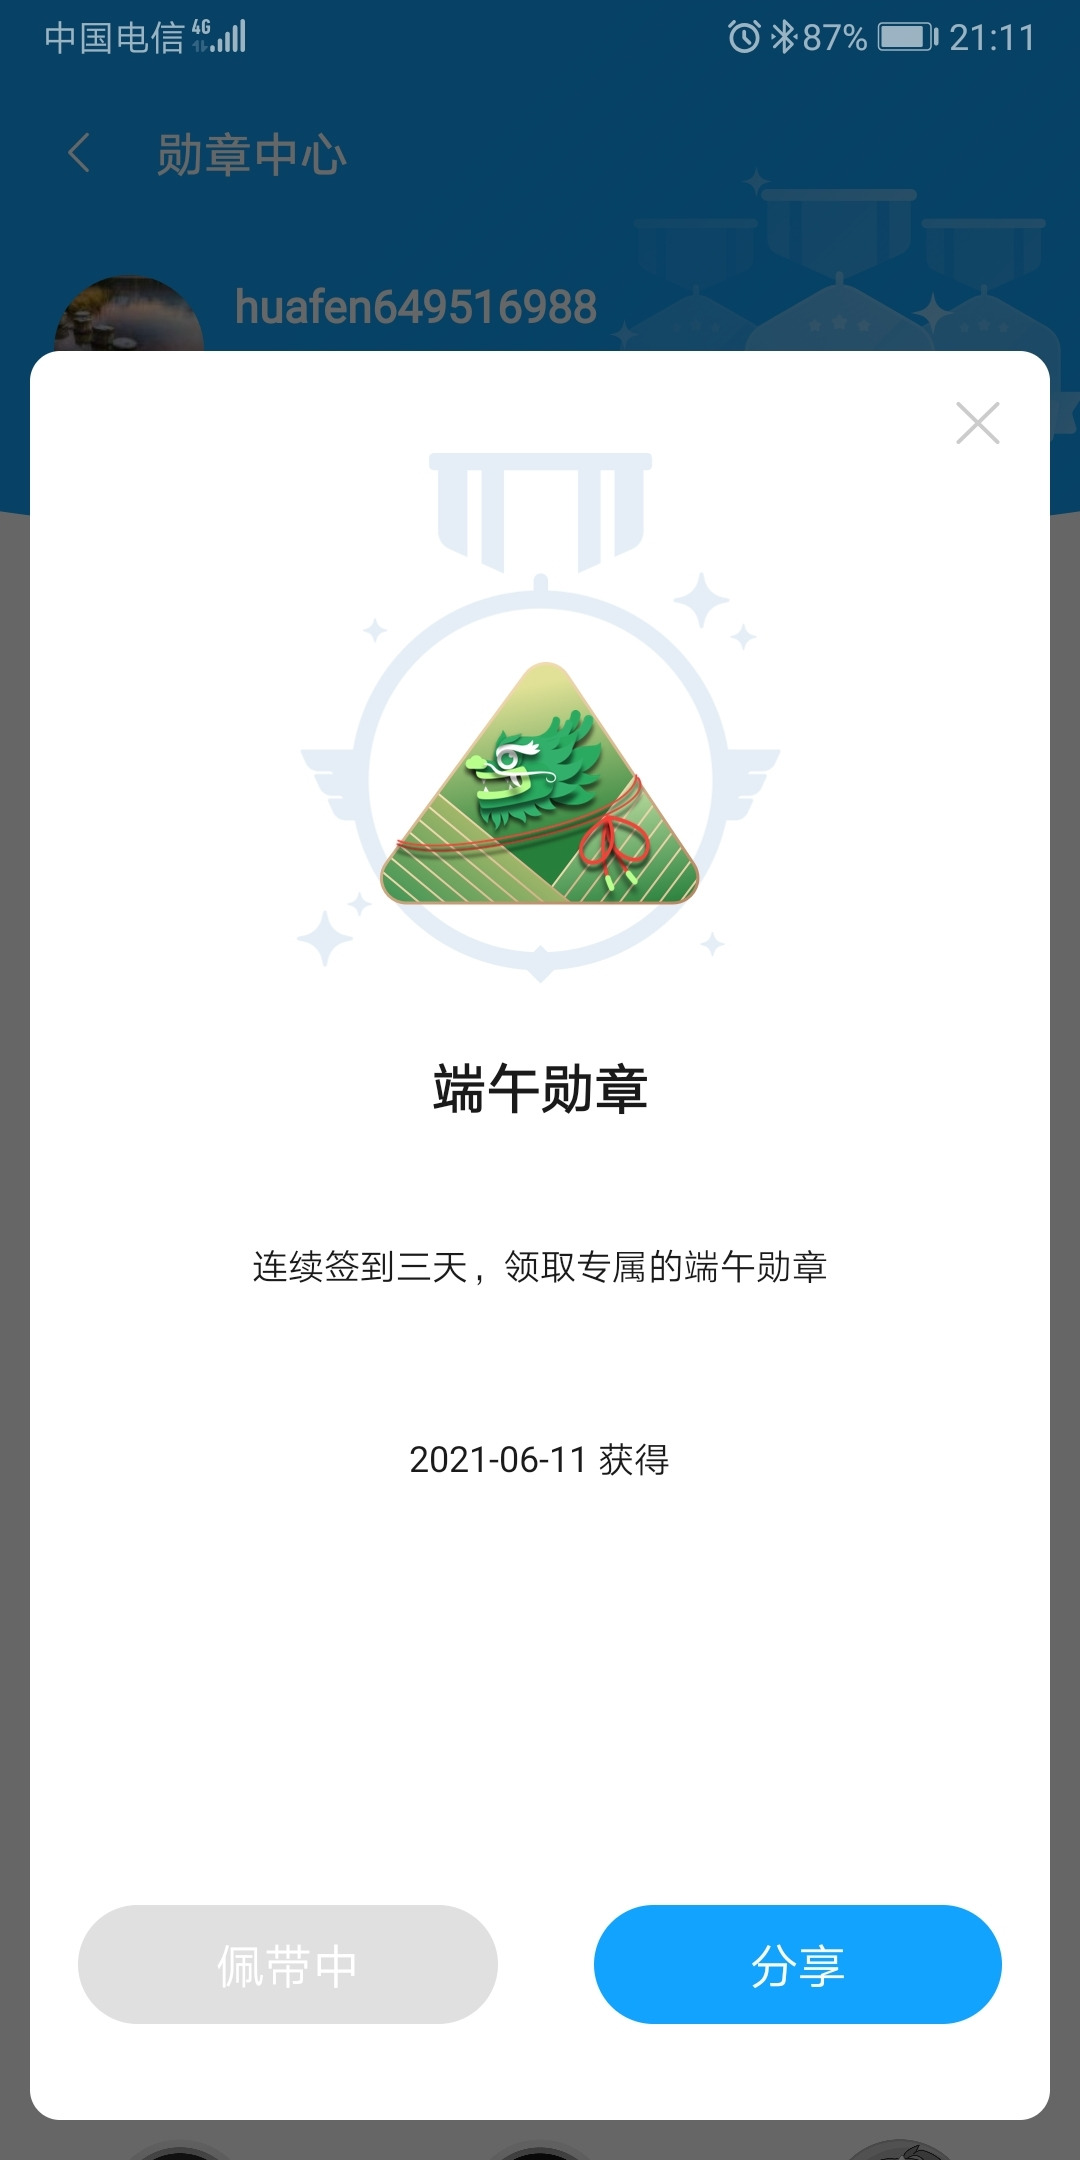 Screenshot_20210611_211154_com.huawei.fans.jpg